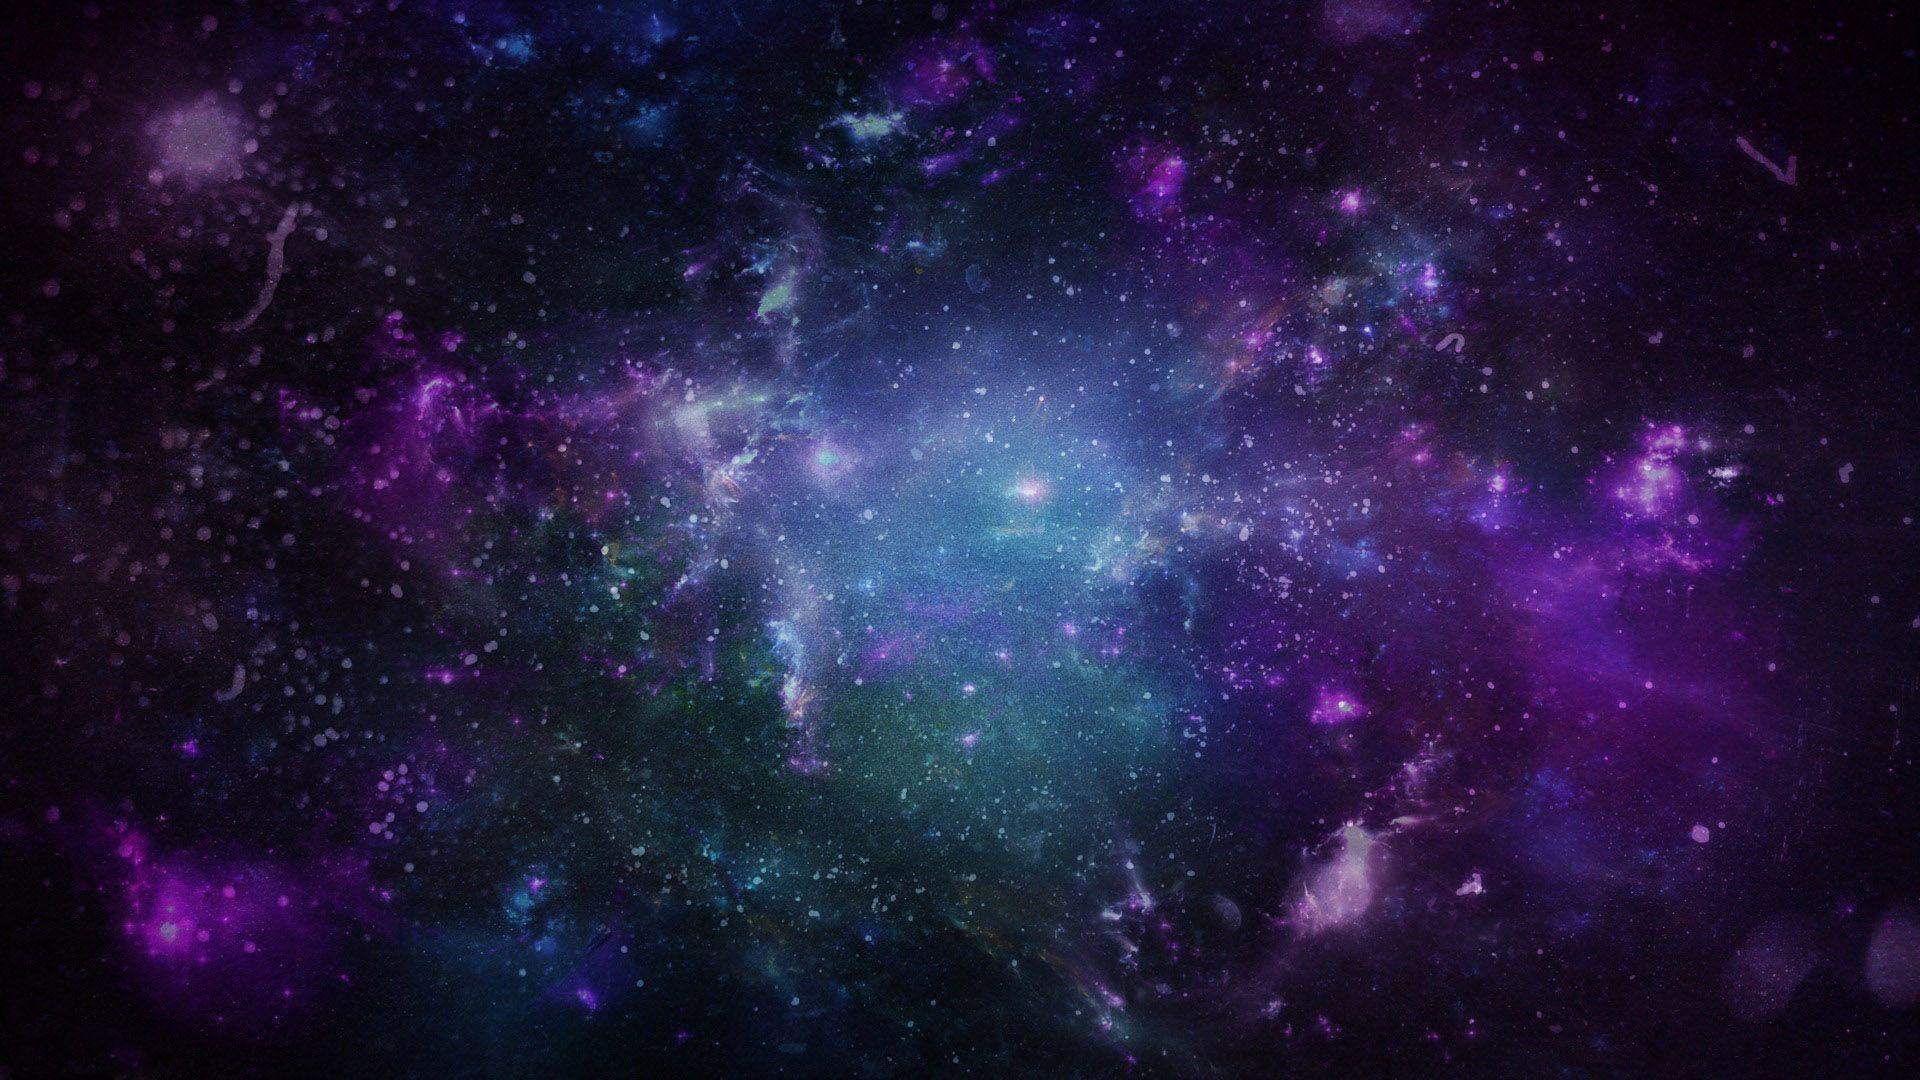 Galaxy wallpaper   1083030 1920x1080